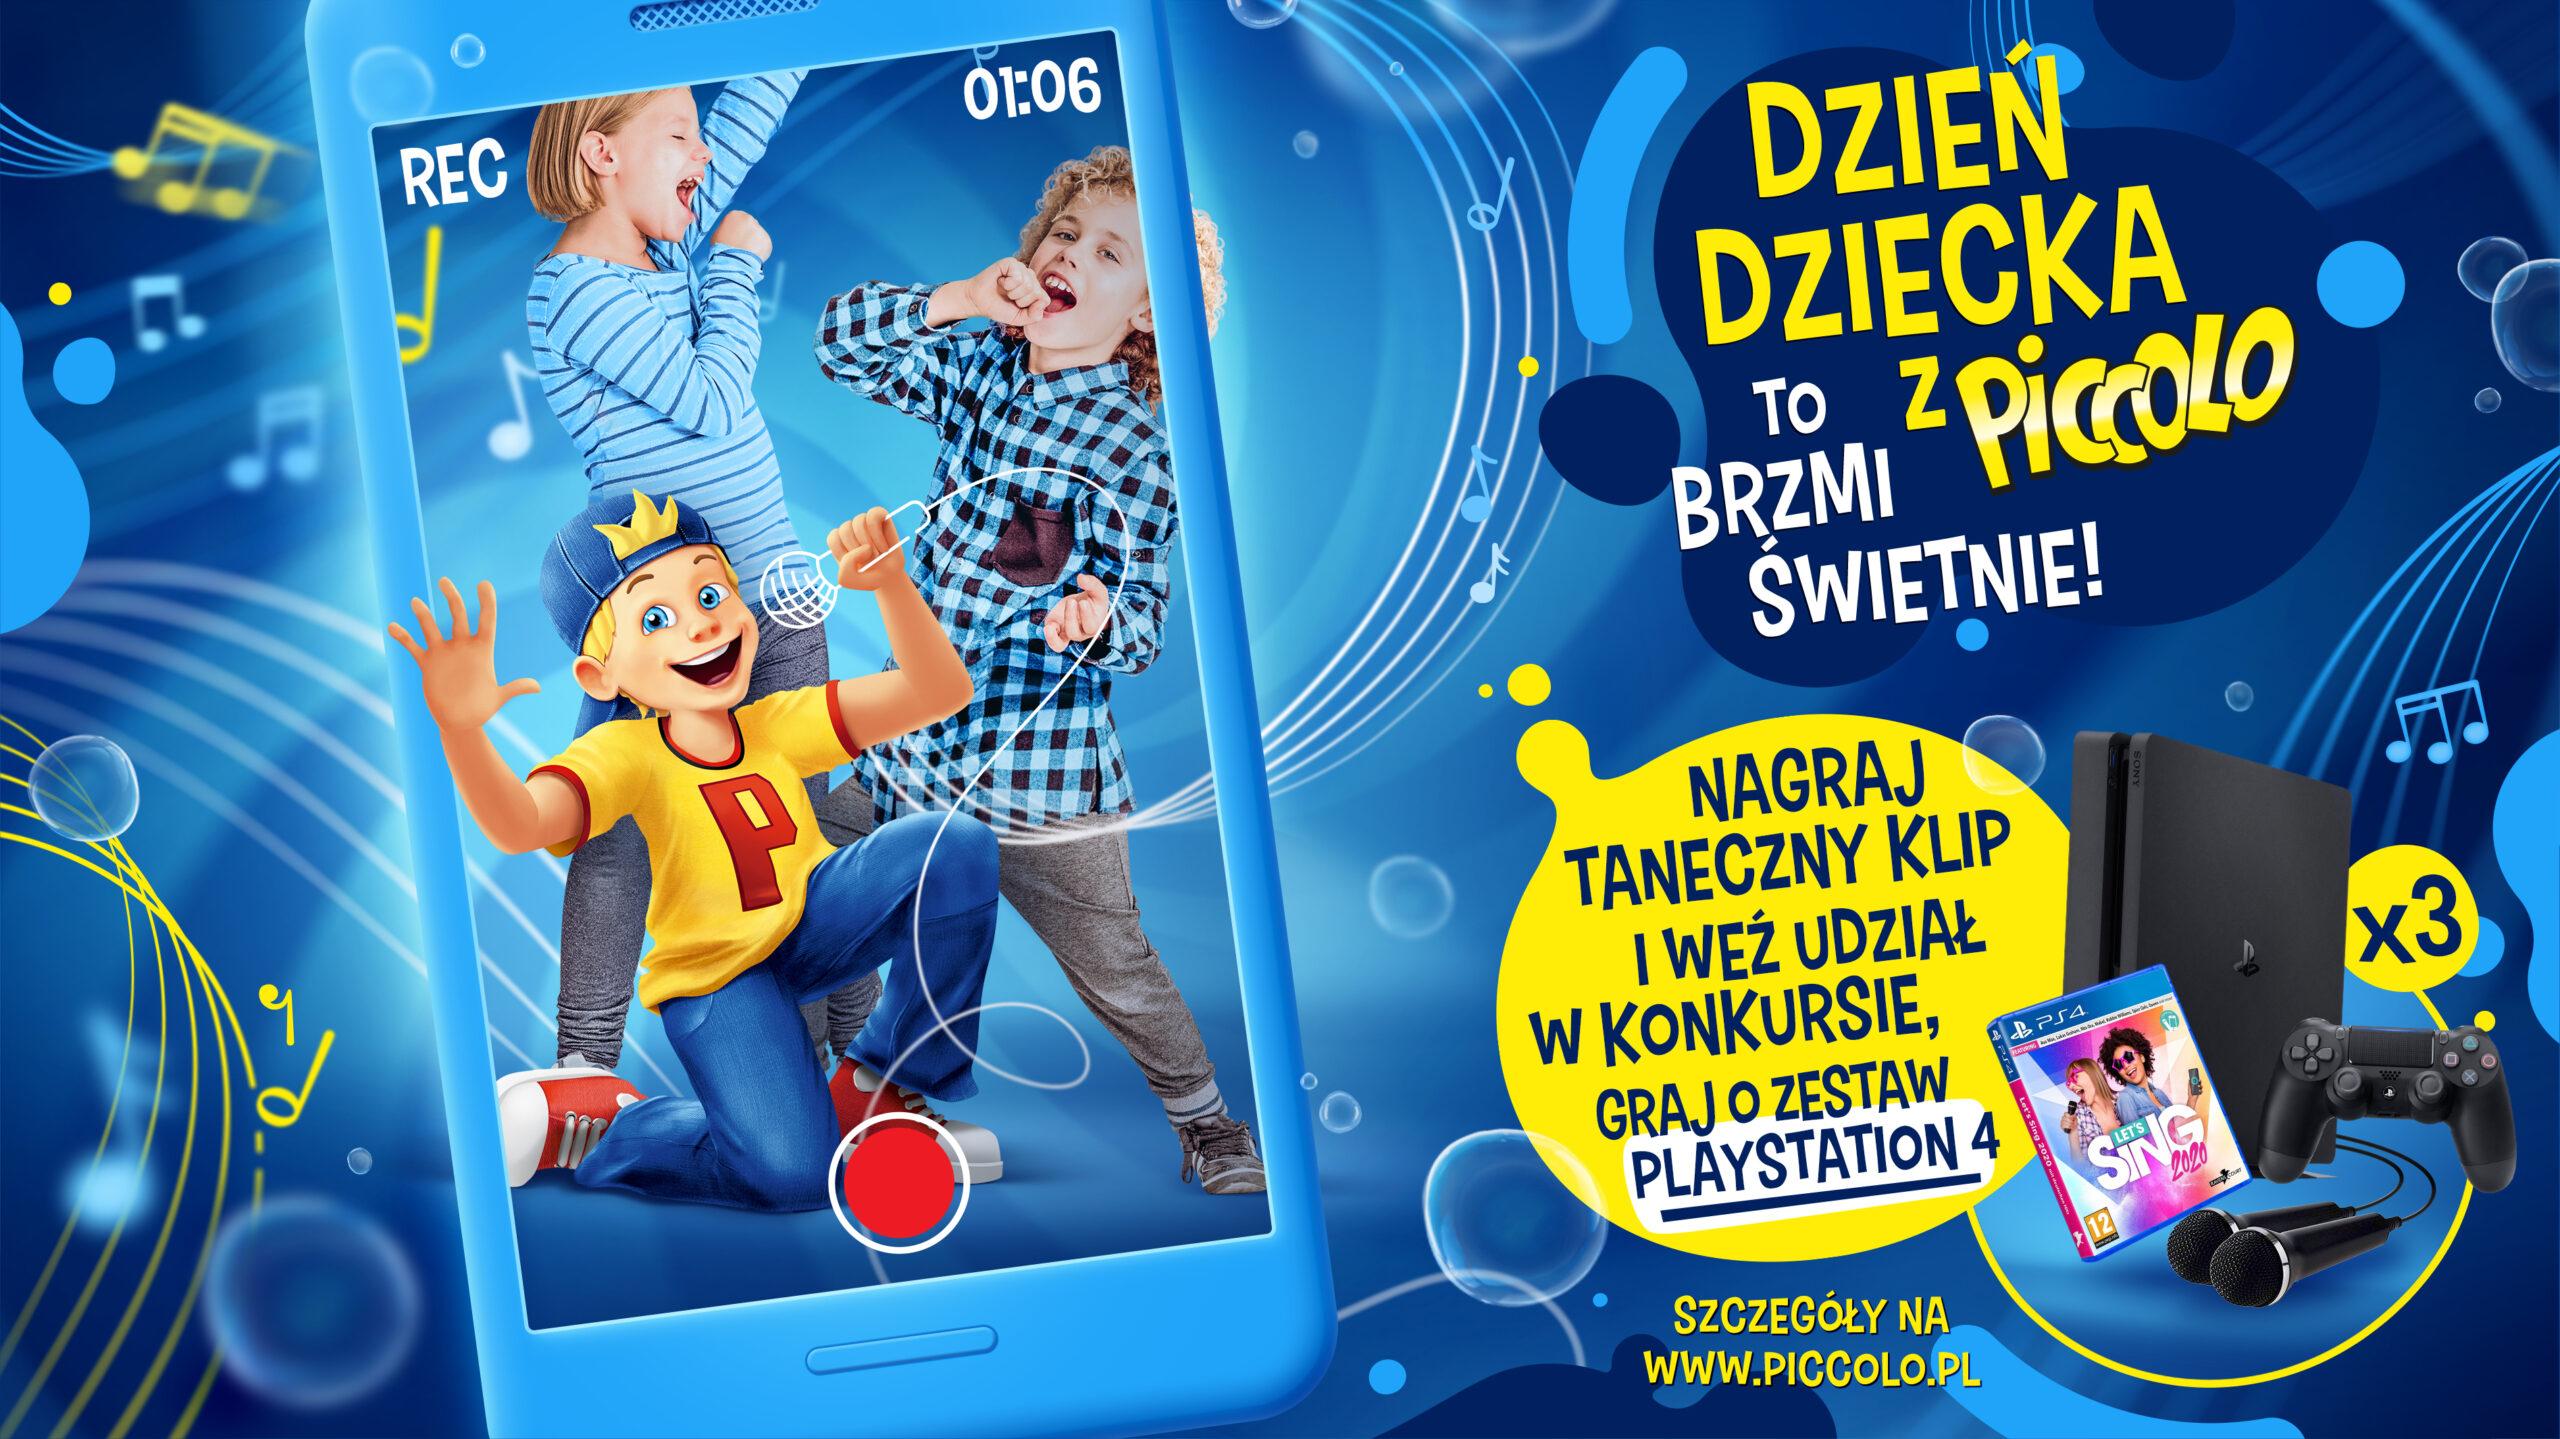 H2O Creative odpowiada za najnowszą kampanię marki Piccolo Anna Wiśniak starter akt. online 1a2 scaled